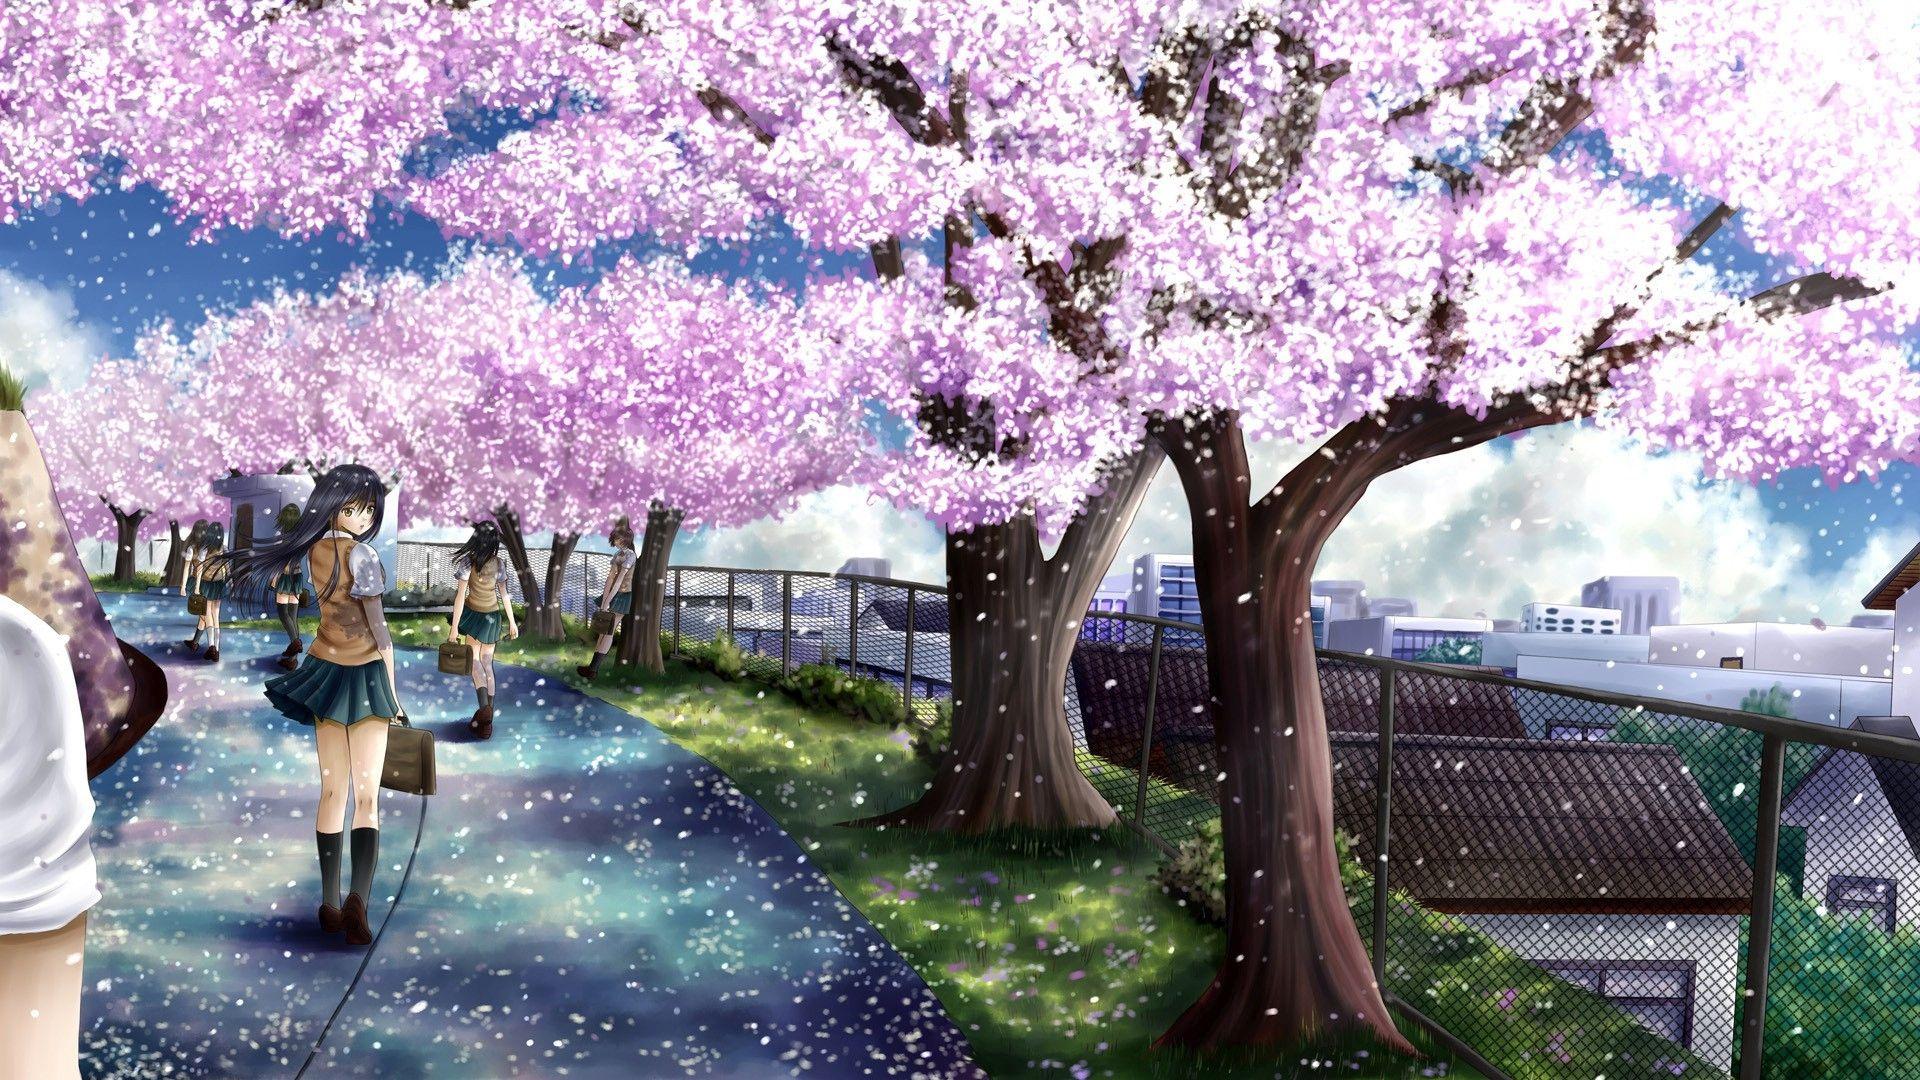 Anime Cherry Blossom Desktop Wallpaper